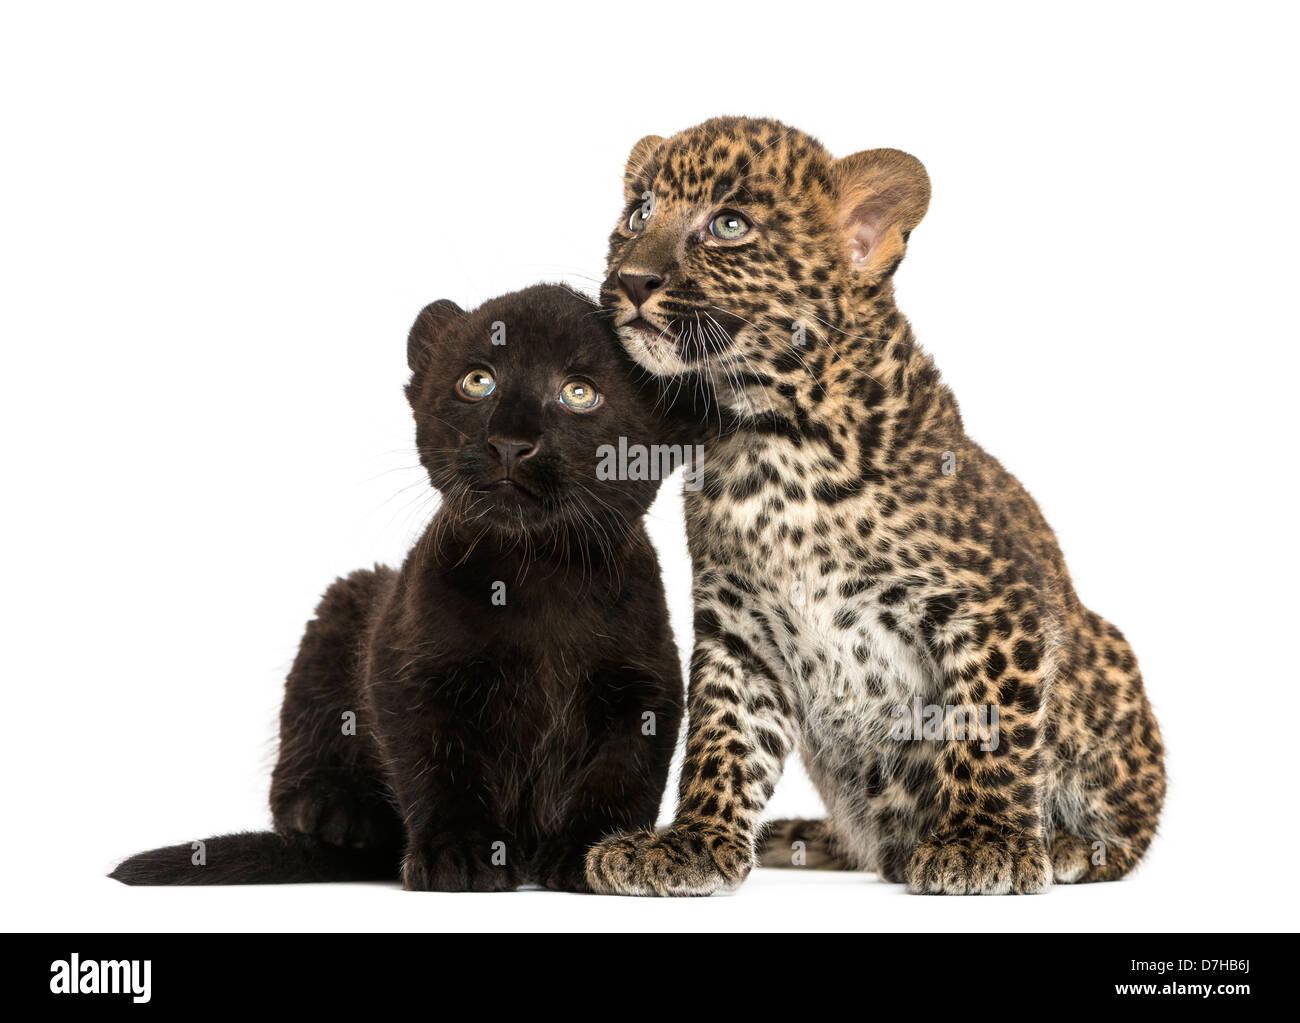 Negro y cachorros de leopardo moteado sentados uno al lado del otro contra el fondo blanco. Imagen De Stock